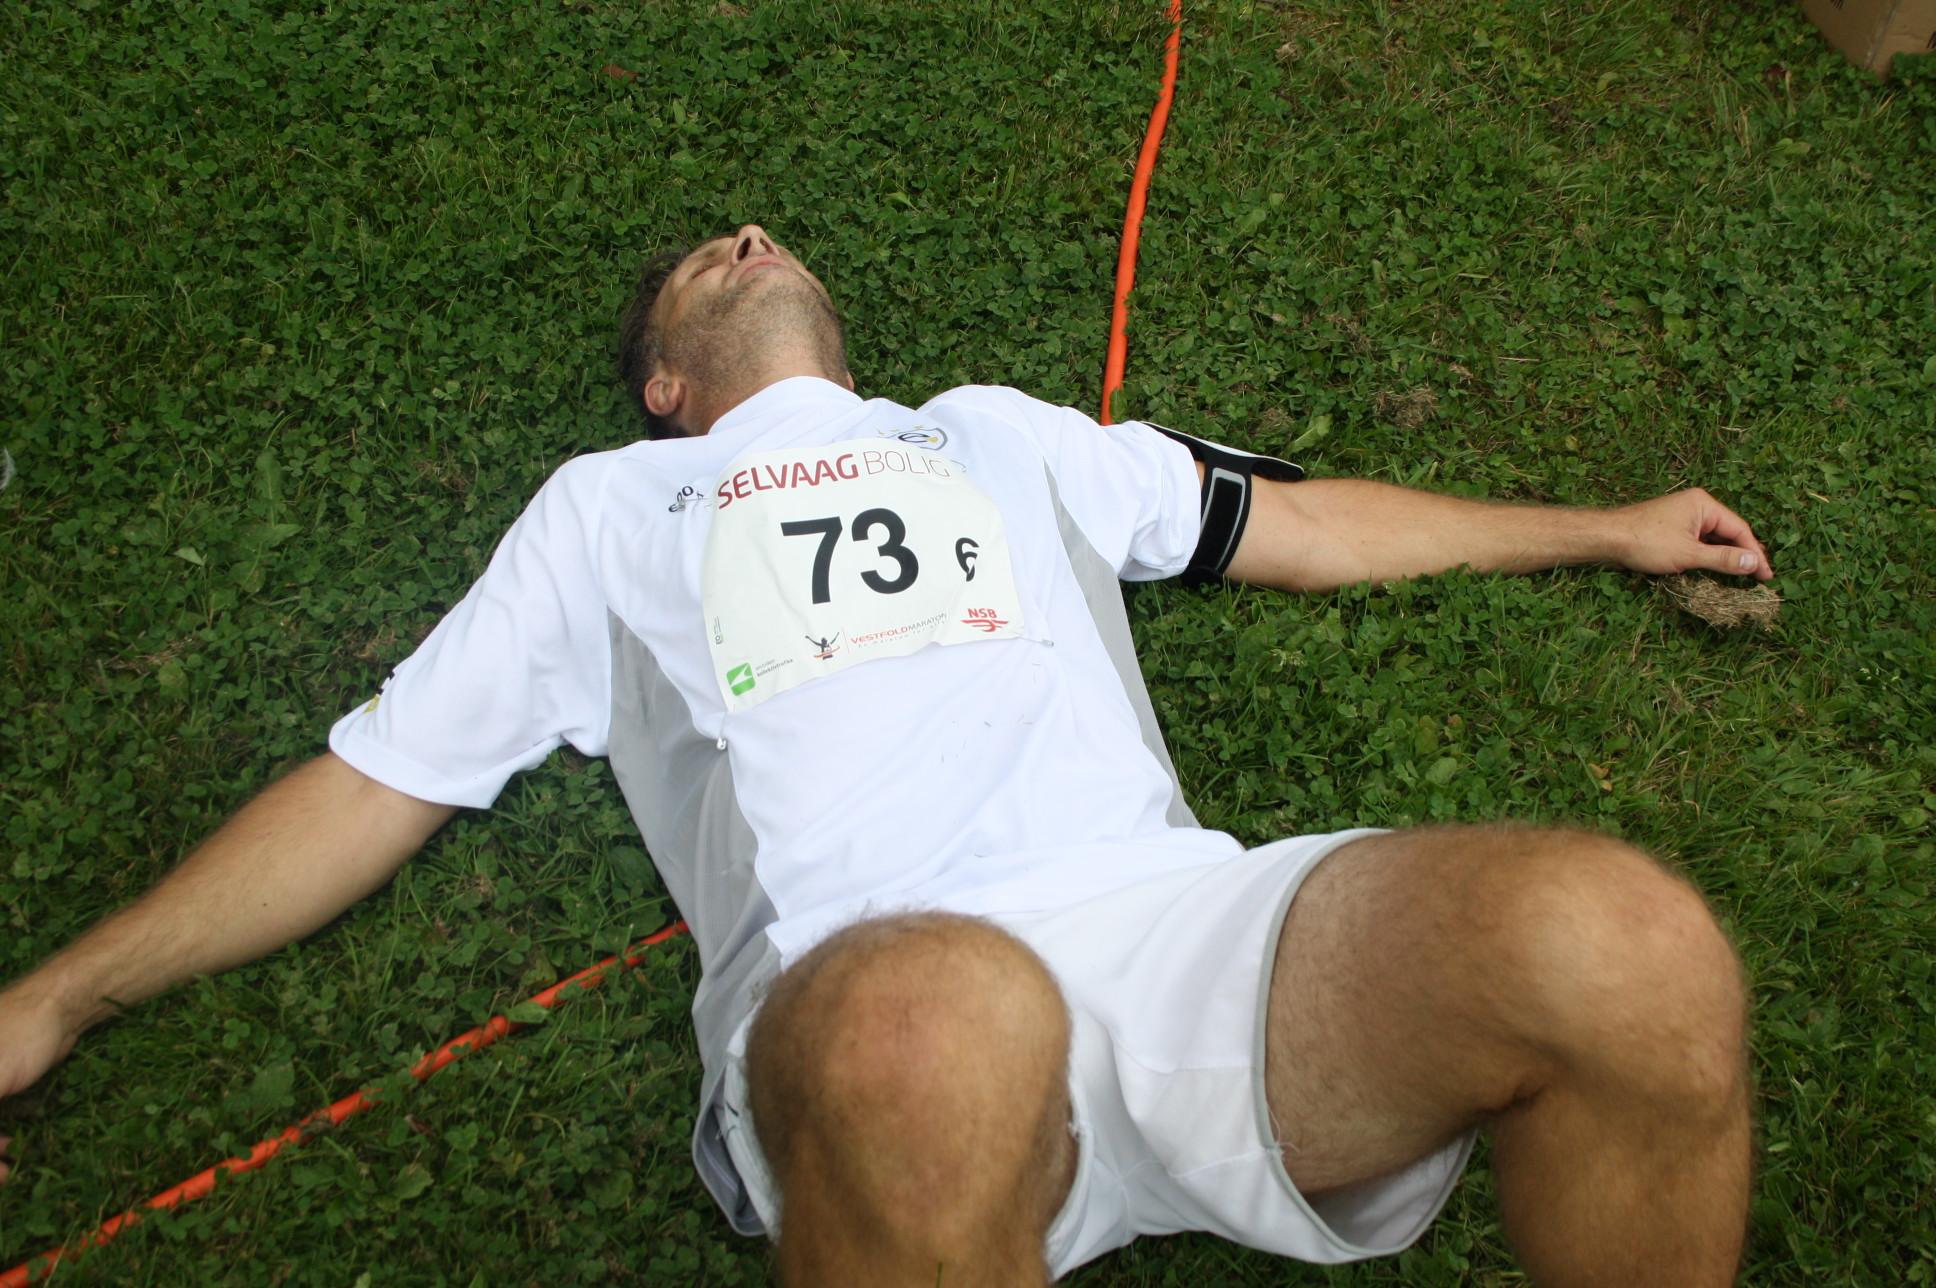 Vestfold Maraton og andre løp fremover